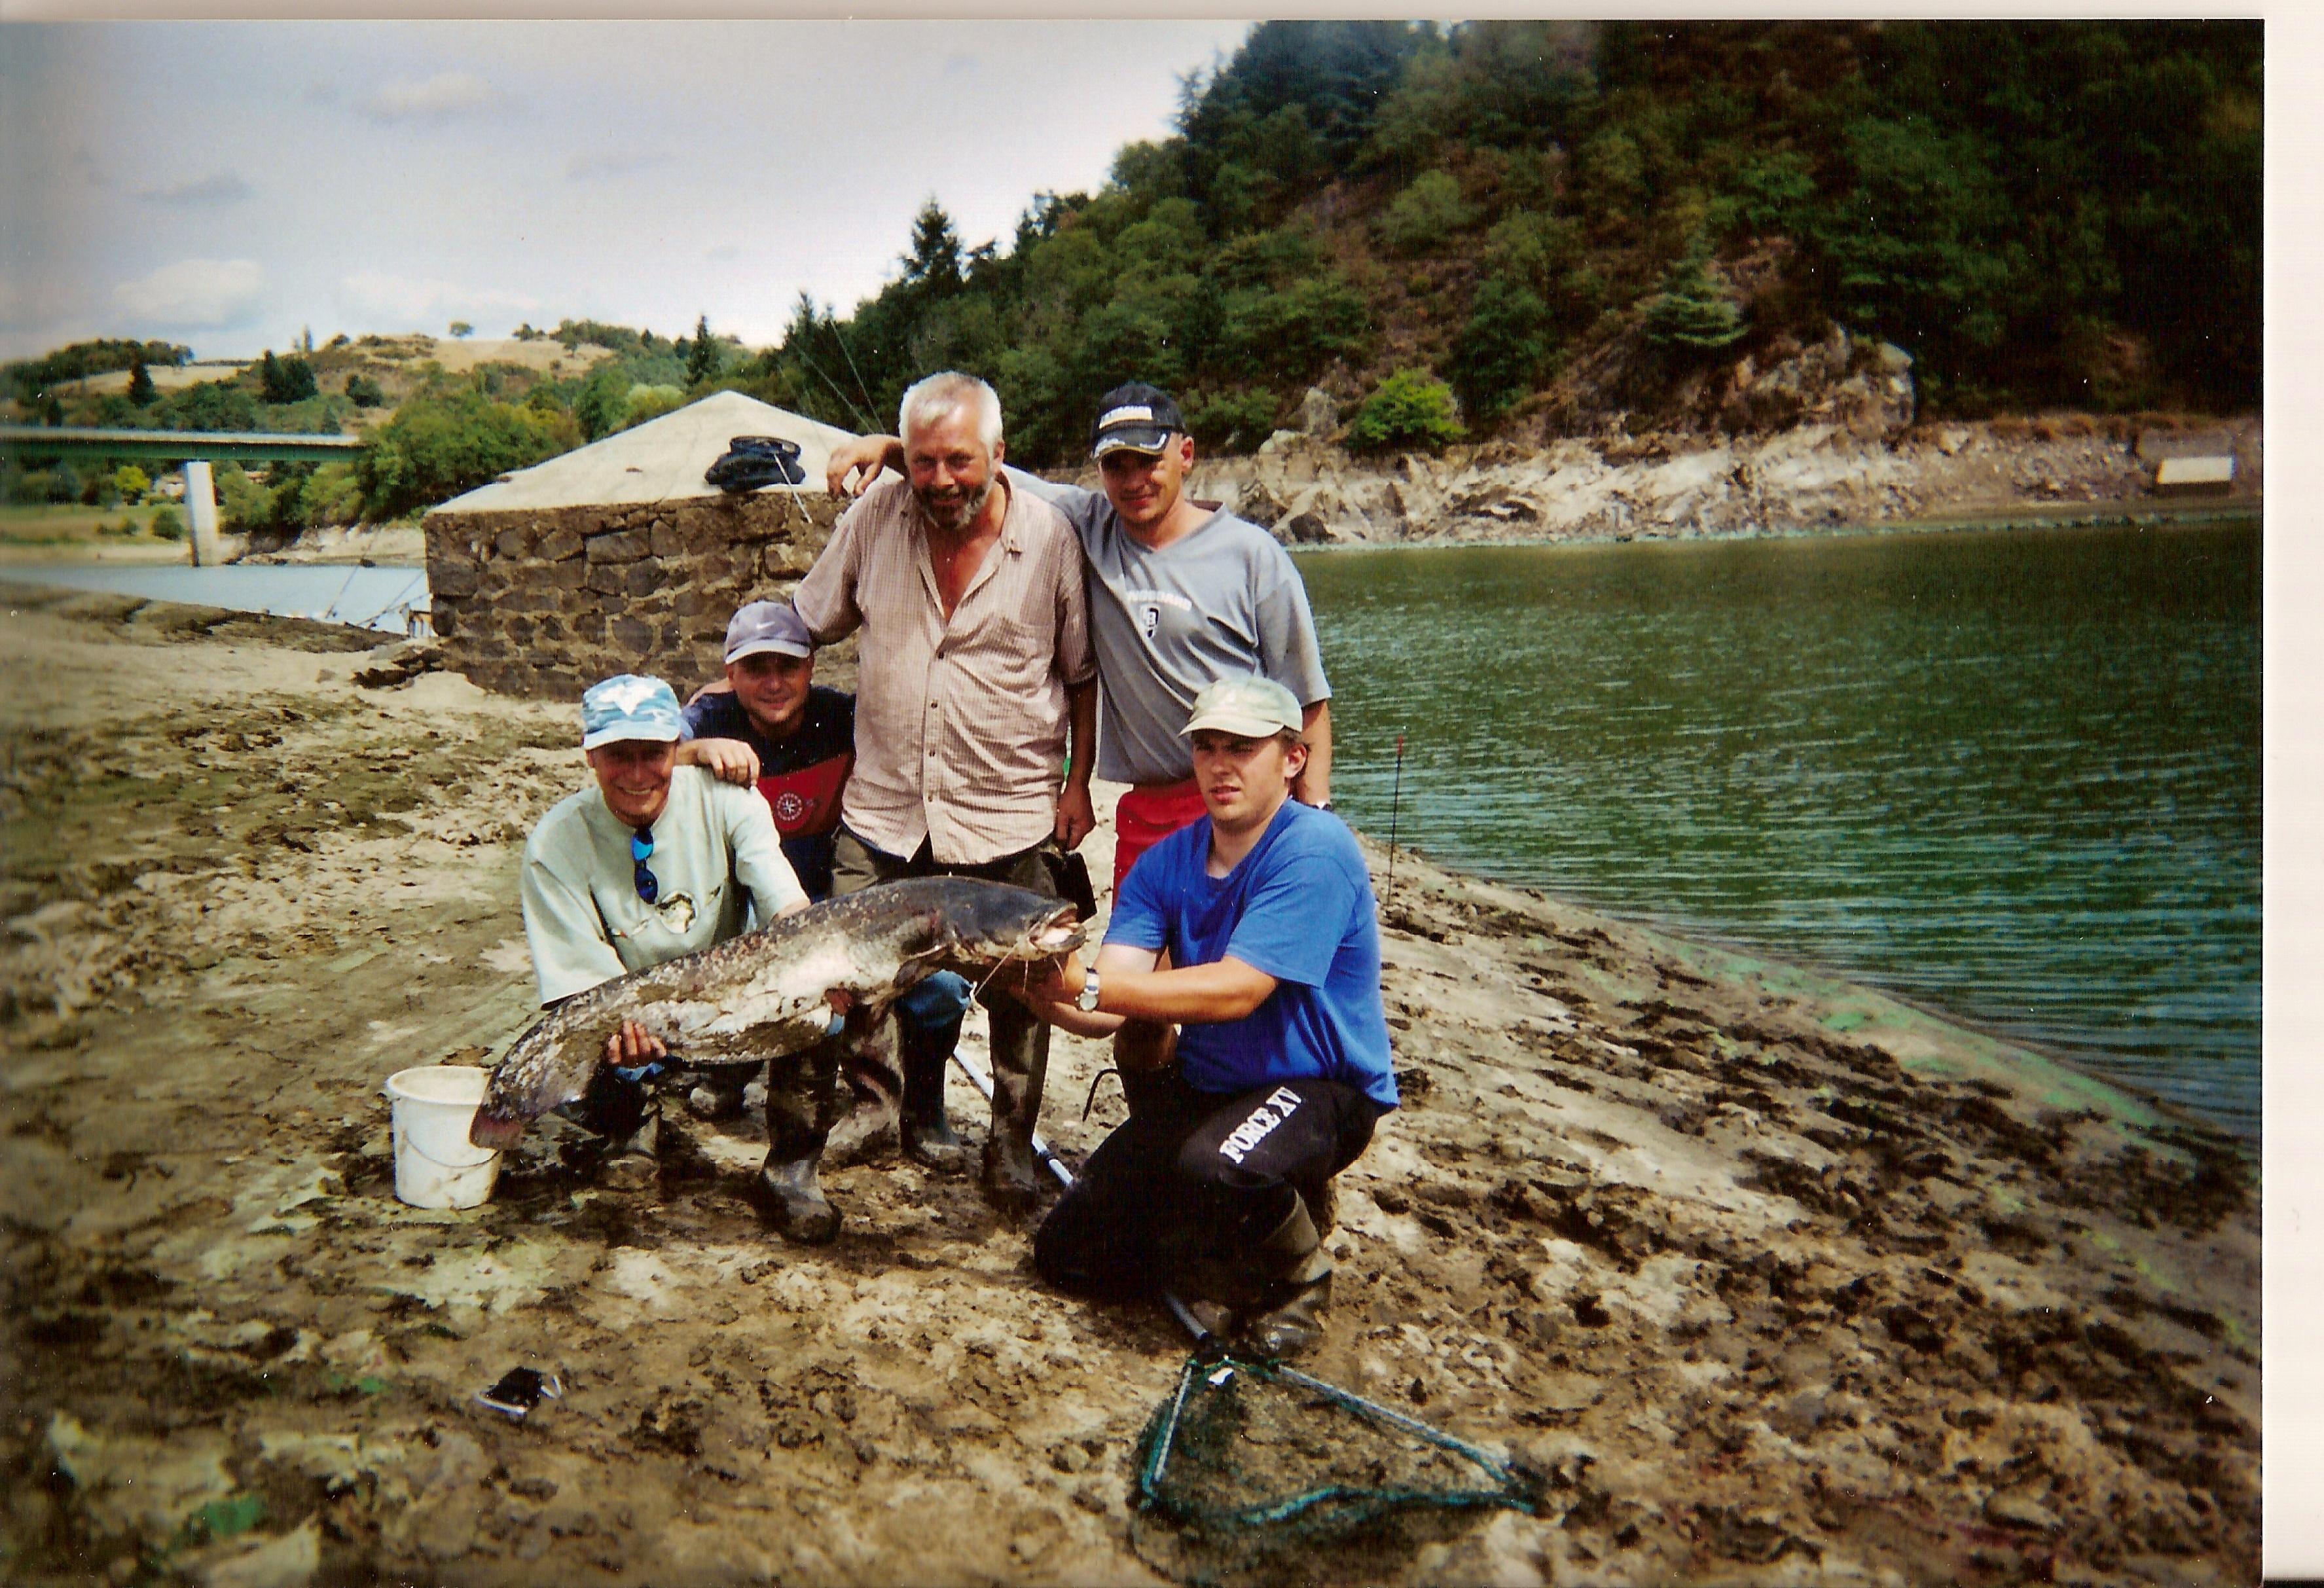 De lappât pour la pêche sur le carassin par les mains de vidéo